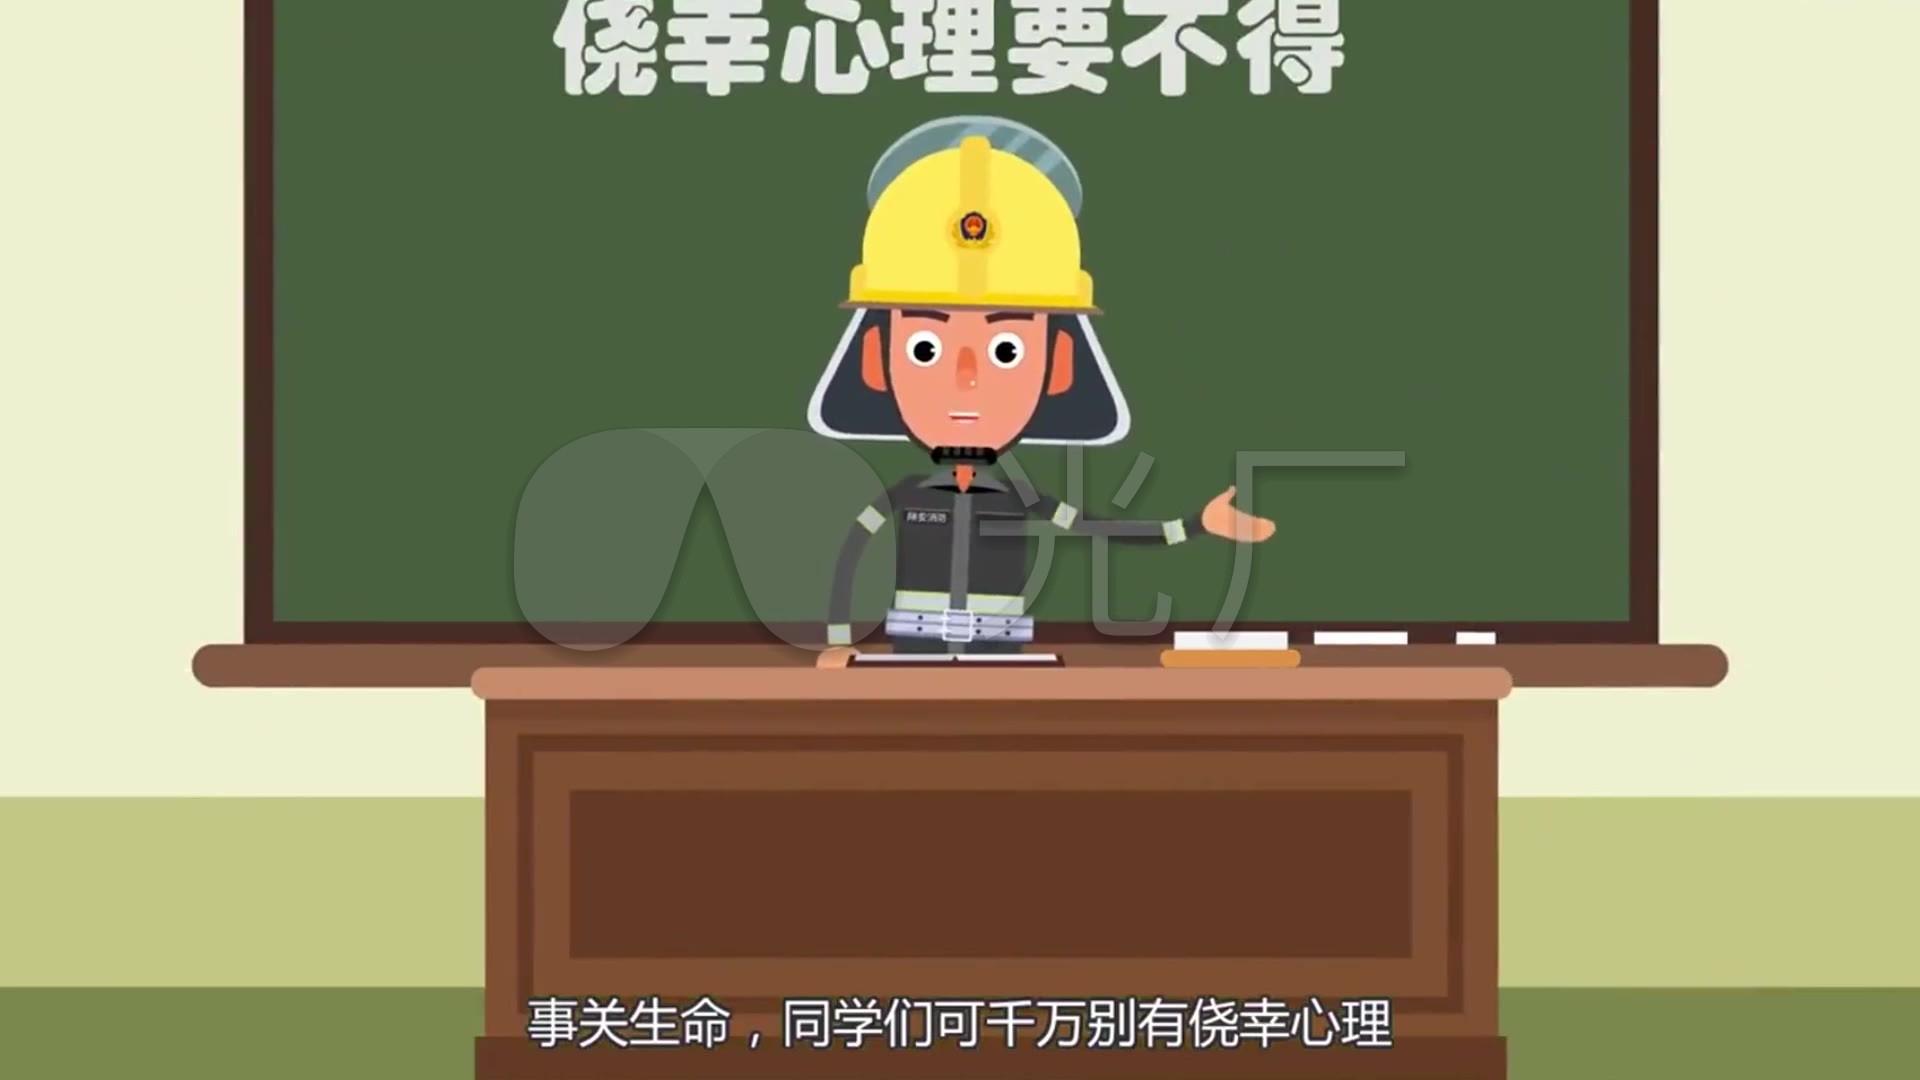 视频消防a视频v视频_1920X1080_素材拐杖学生拄视频高清图片